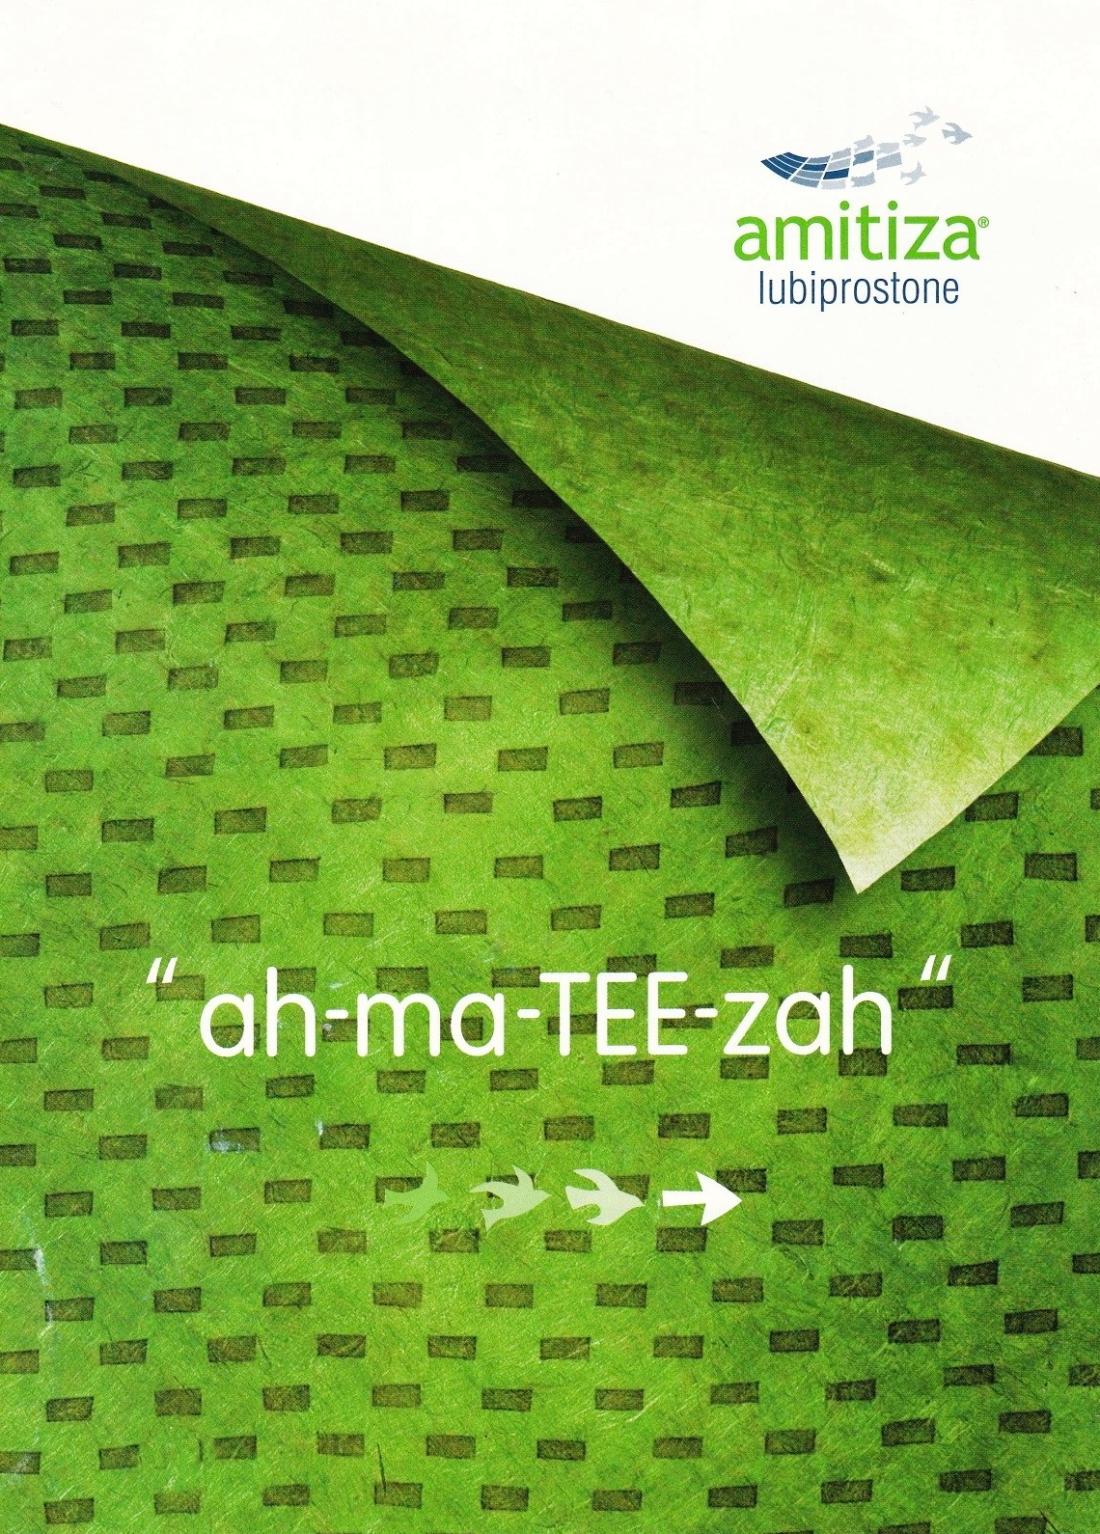 Amitiza Origami 1 copy